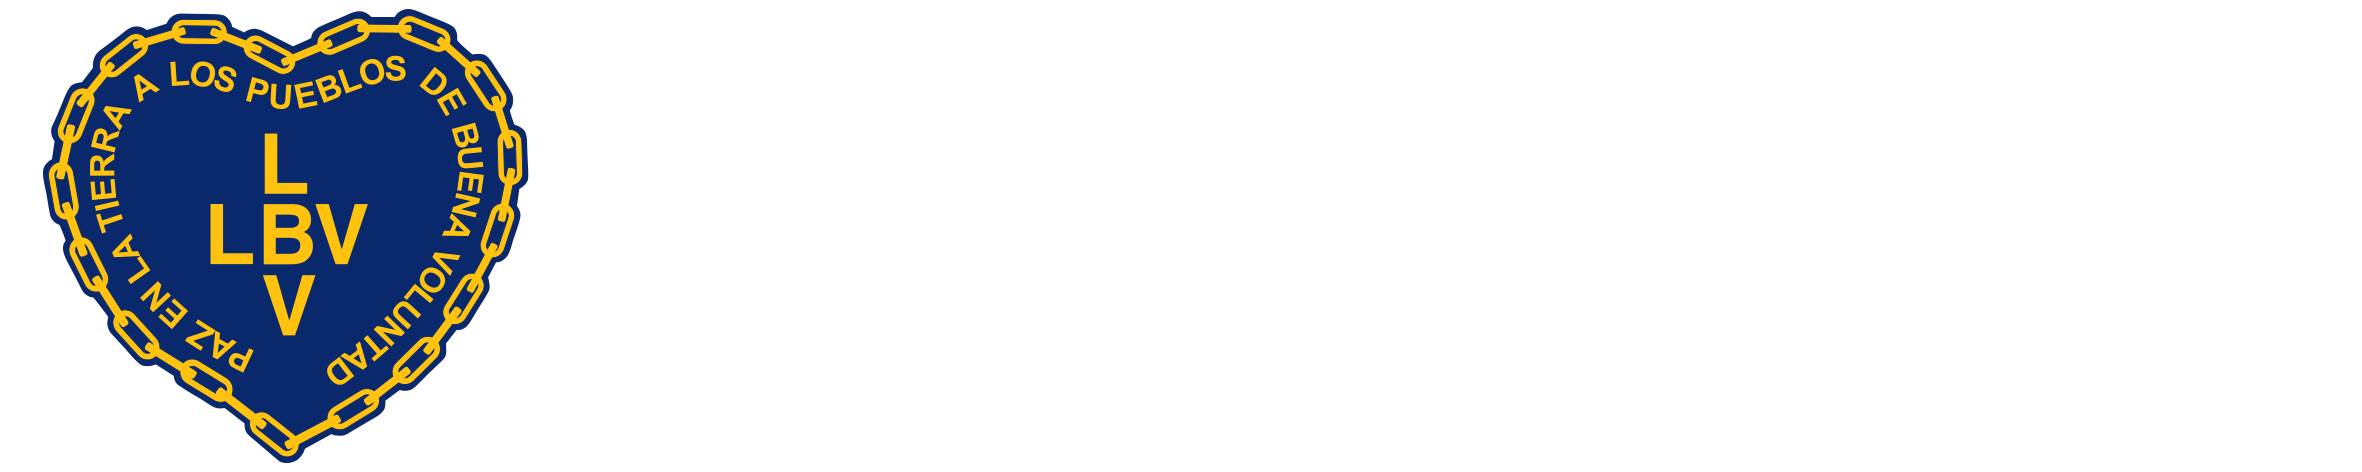 LBV Paraguay